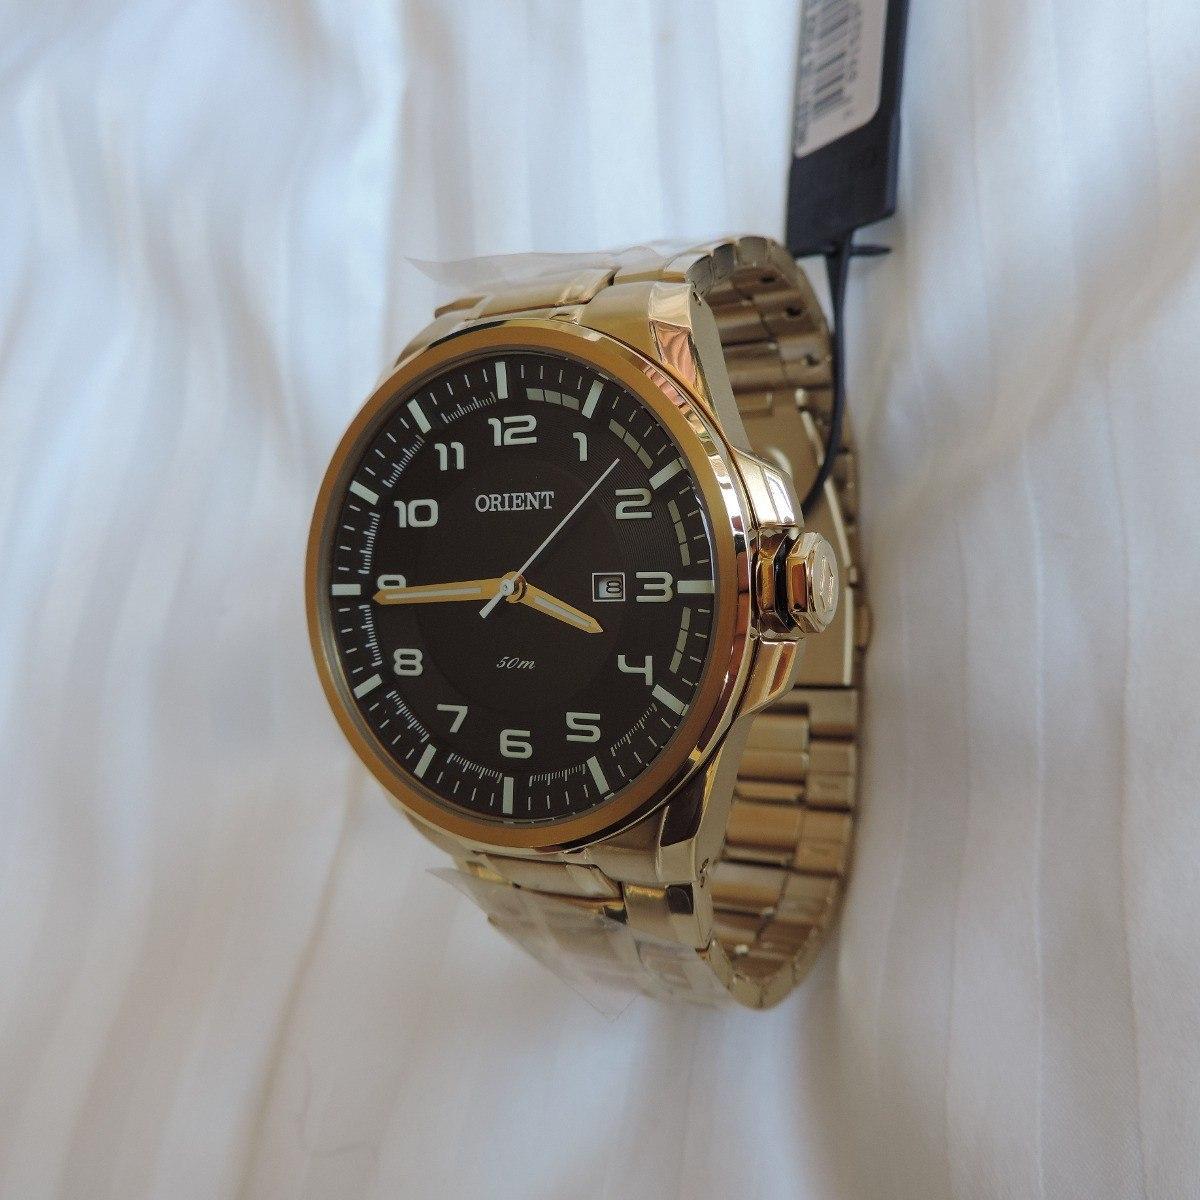 9c5f5bd437f relógio orient mgss1125 masculino visor preto dourado belo. Carregando zoom.